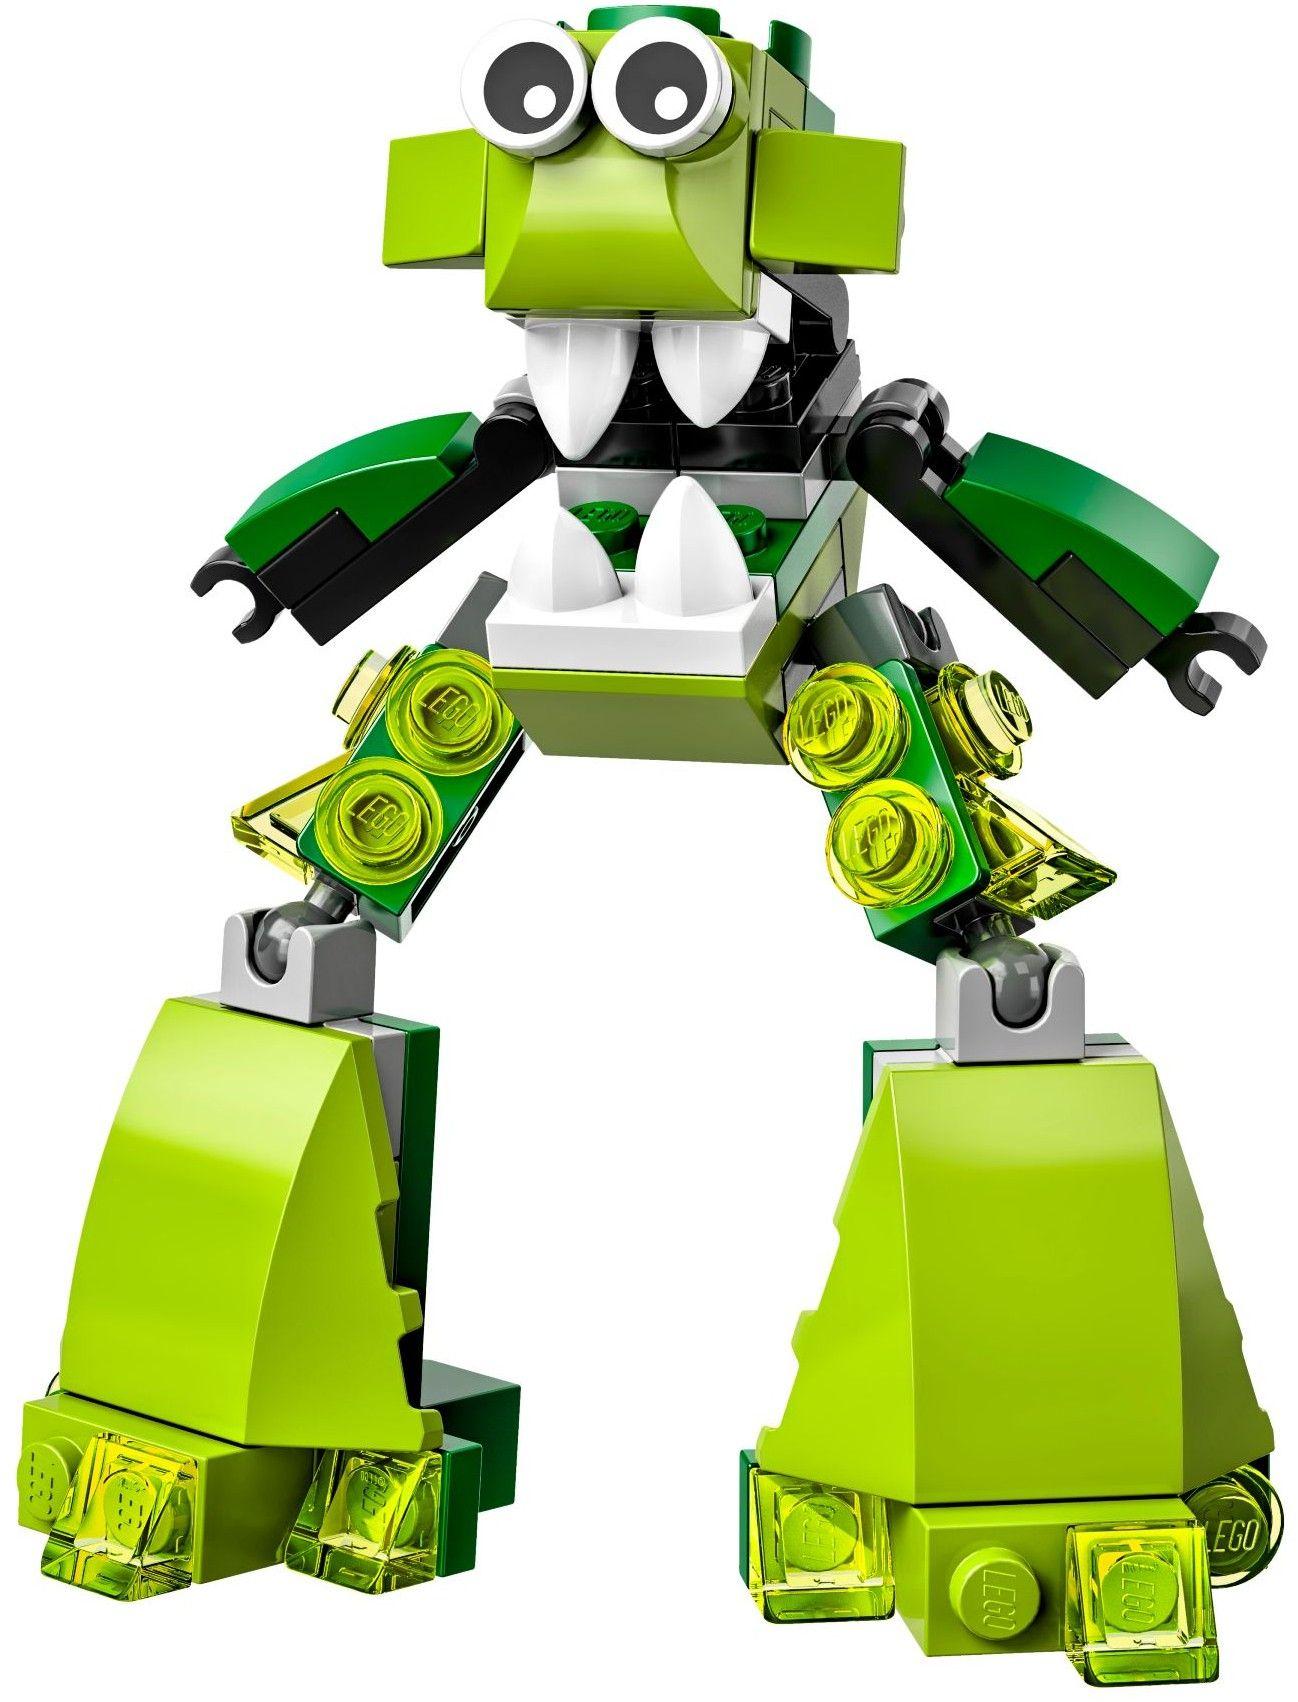 Конструктор LEGO Mixels - Гургл, 66 дет.